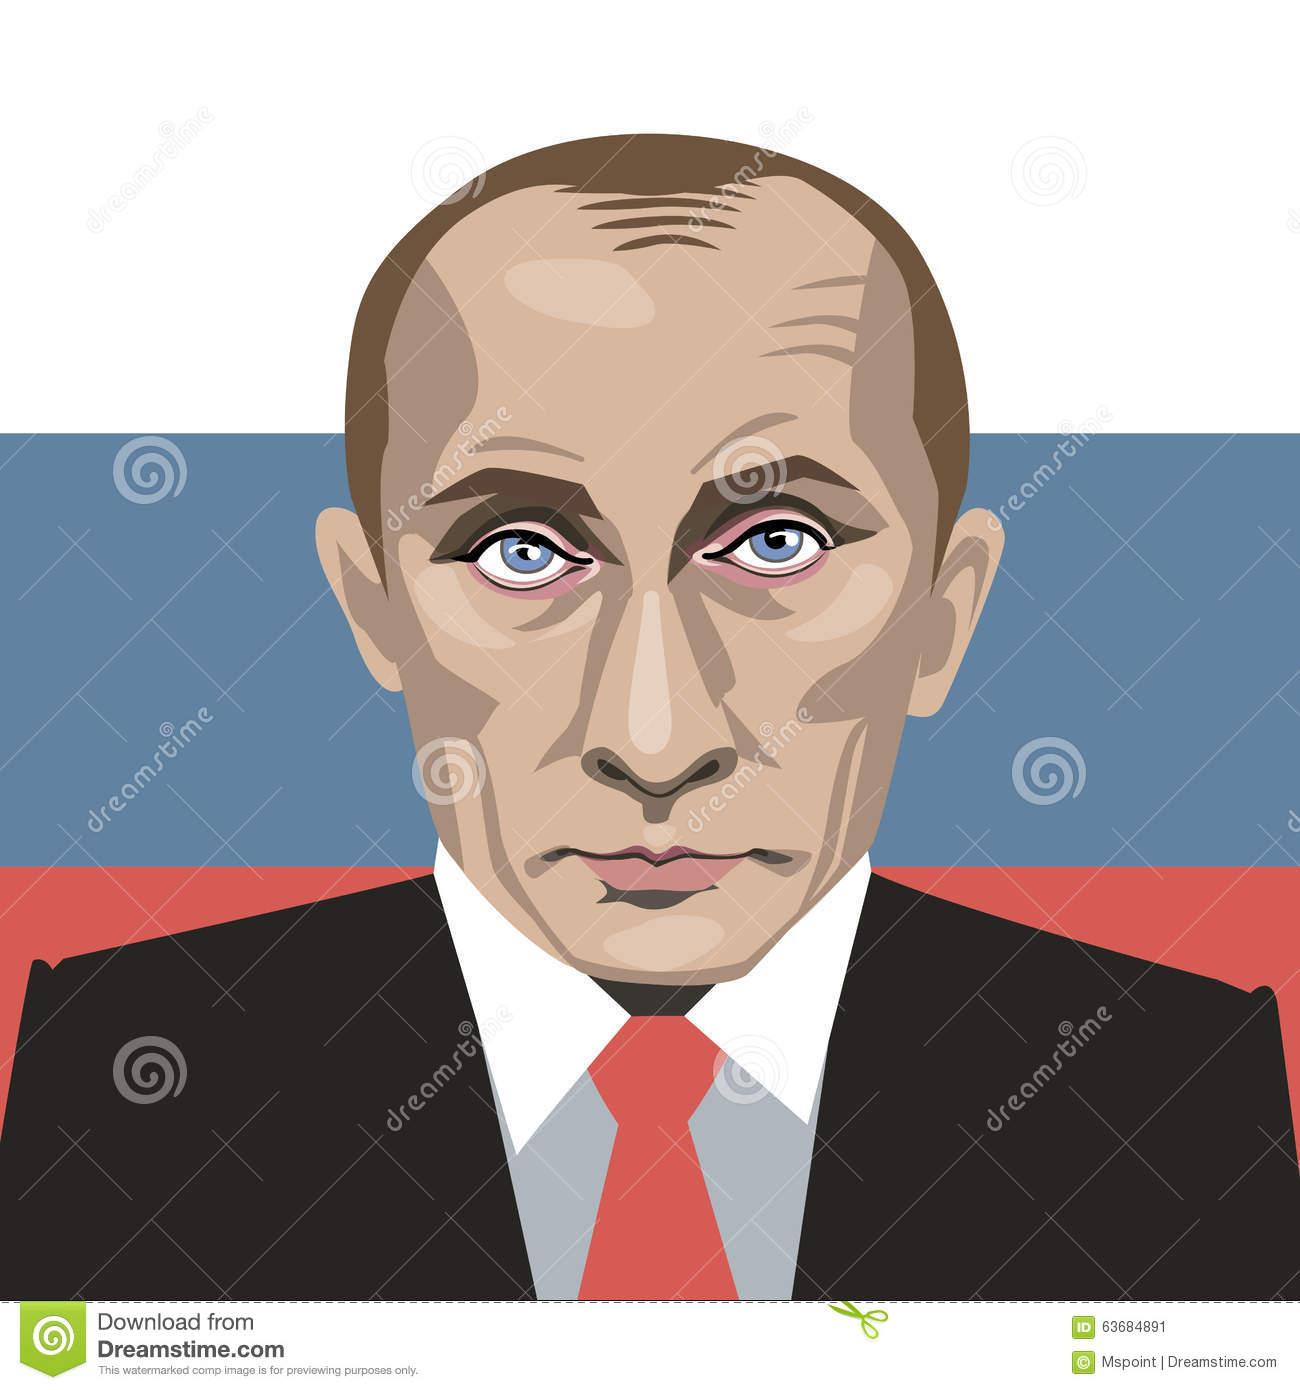 Vladimir Putin Stock Illustrations.